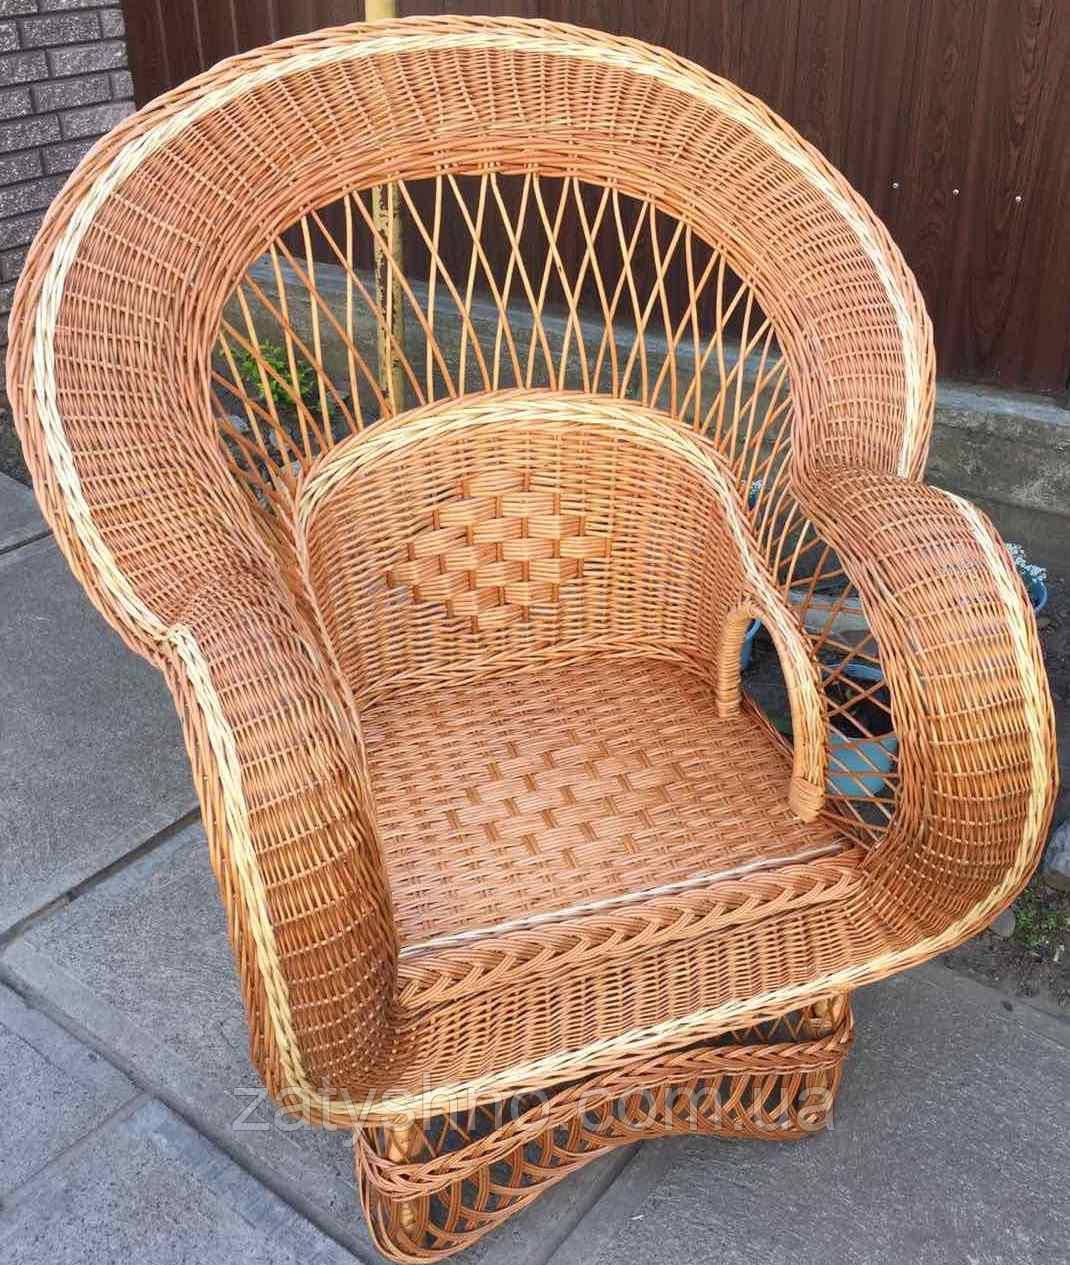 Кресло плетеное большое  | кресло из лозы огромное | кресло плетеное красивое